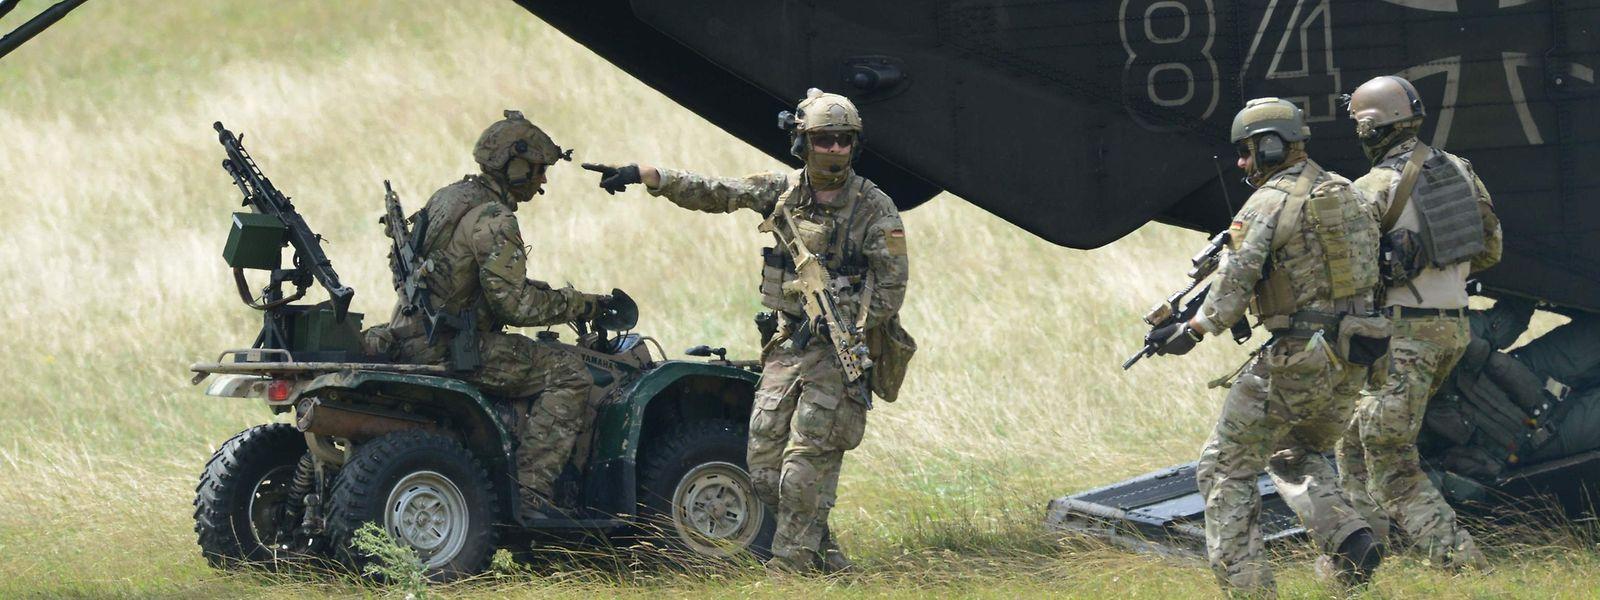 Für das deutsche Kommando Spezialkräfte ist es die letzte Chance zur Bewährung.